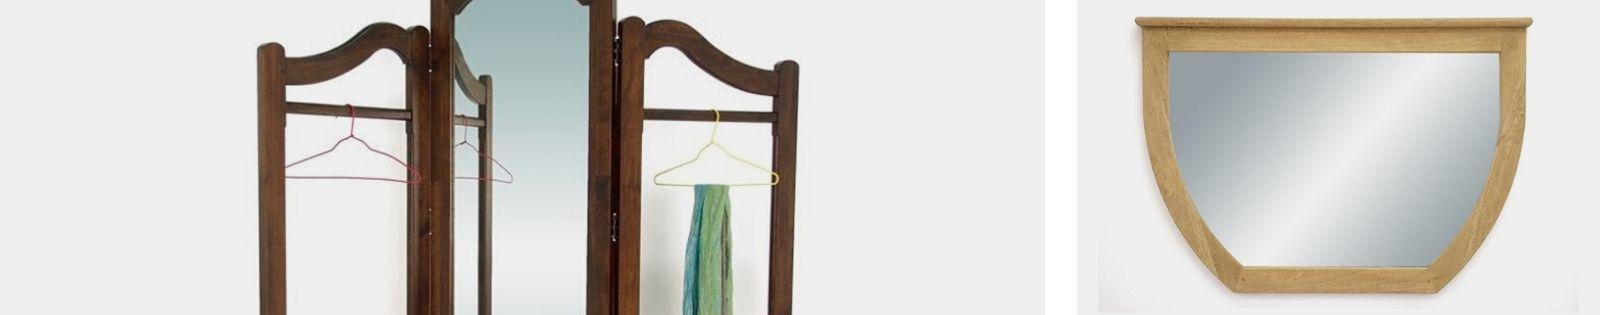 Miroirs en bois massif : décoration haut de gamme en hévéa massif...